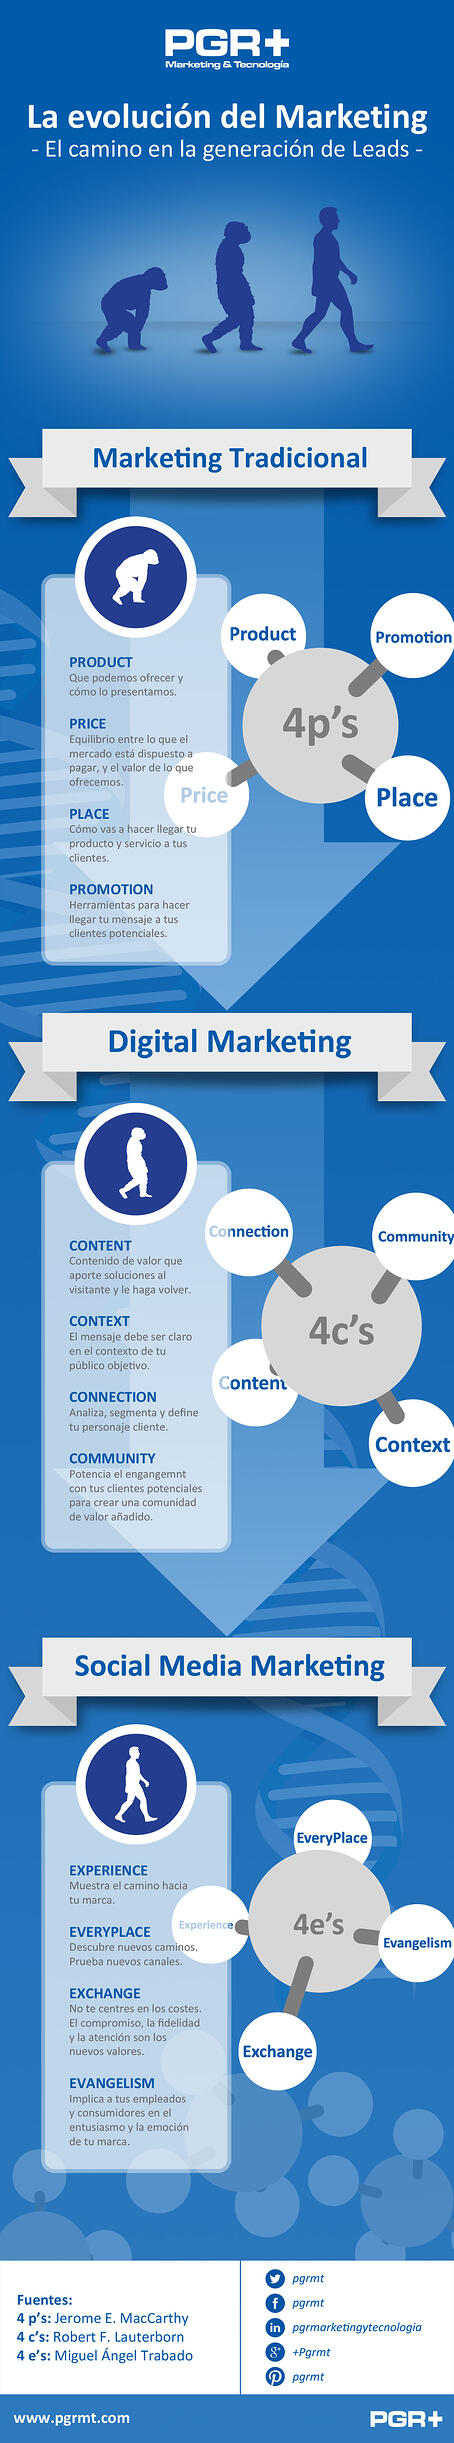 La evolución del marketing tradicional al social media marketing